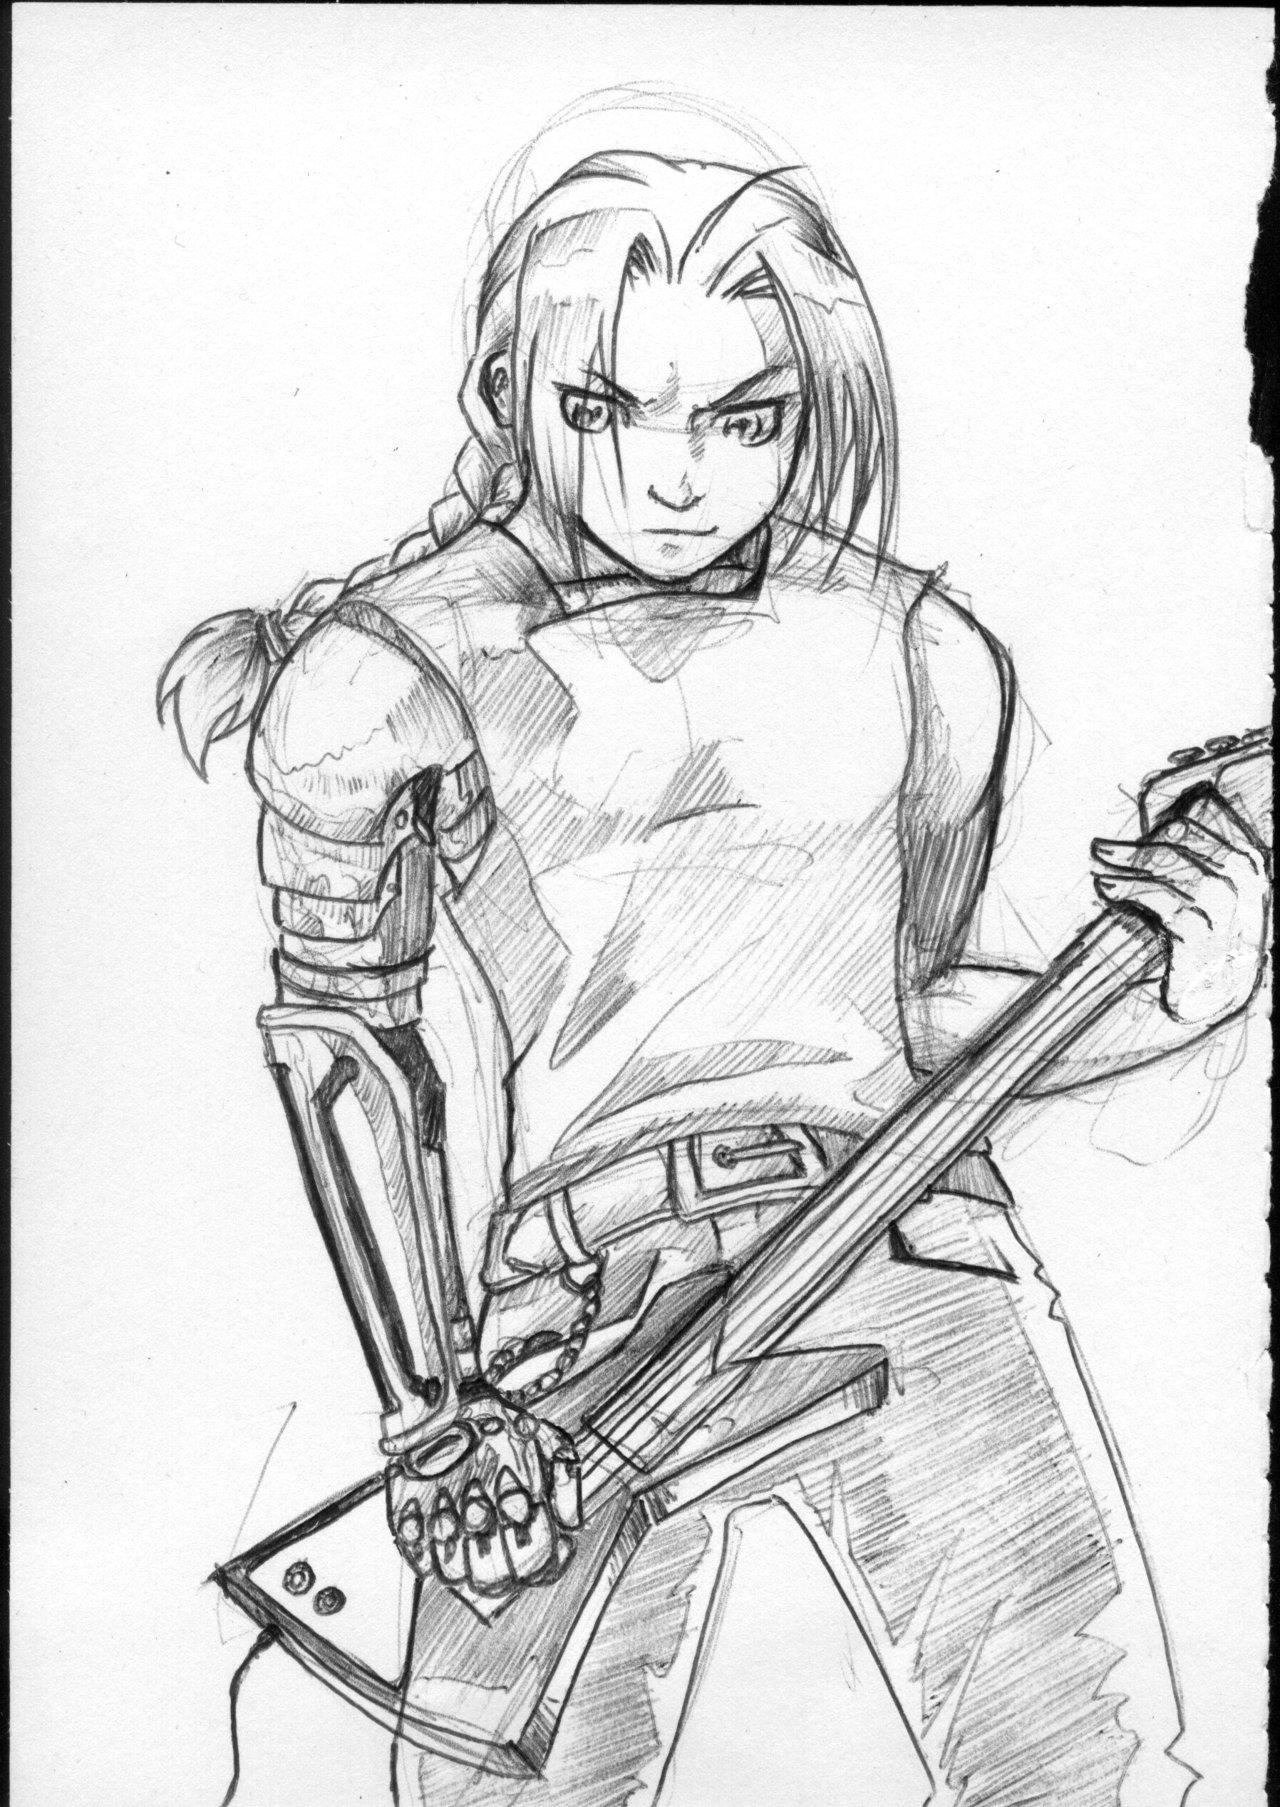 1280x1807 Heavy Metal Alchemist Sketch By Sofie3387